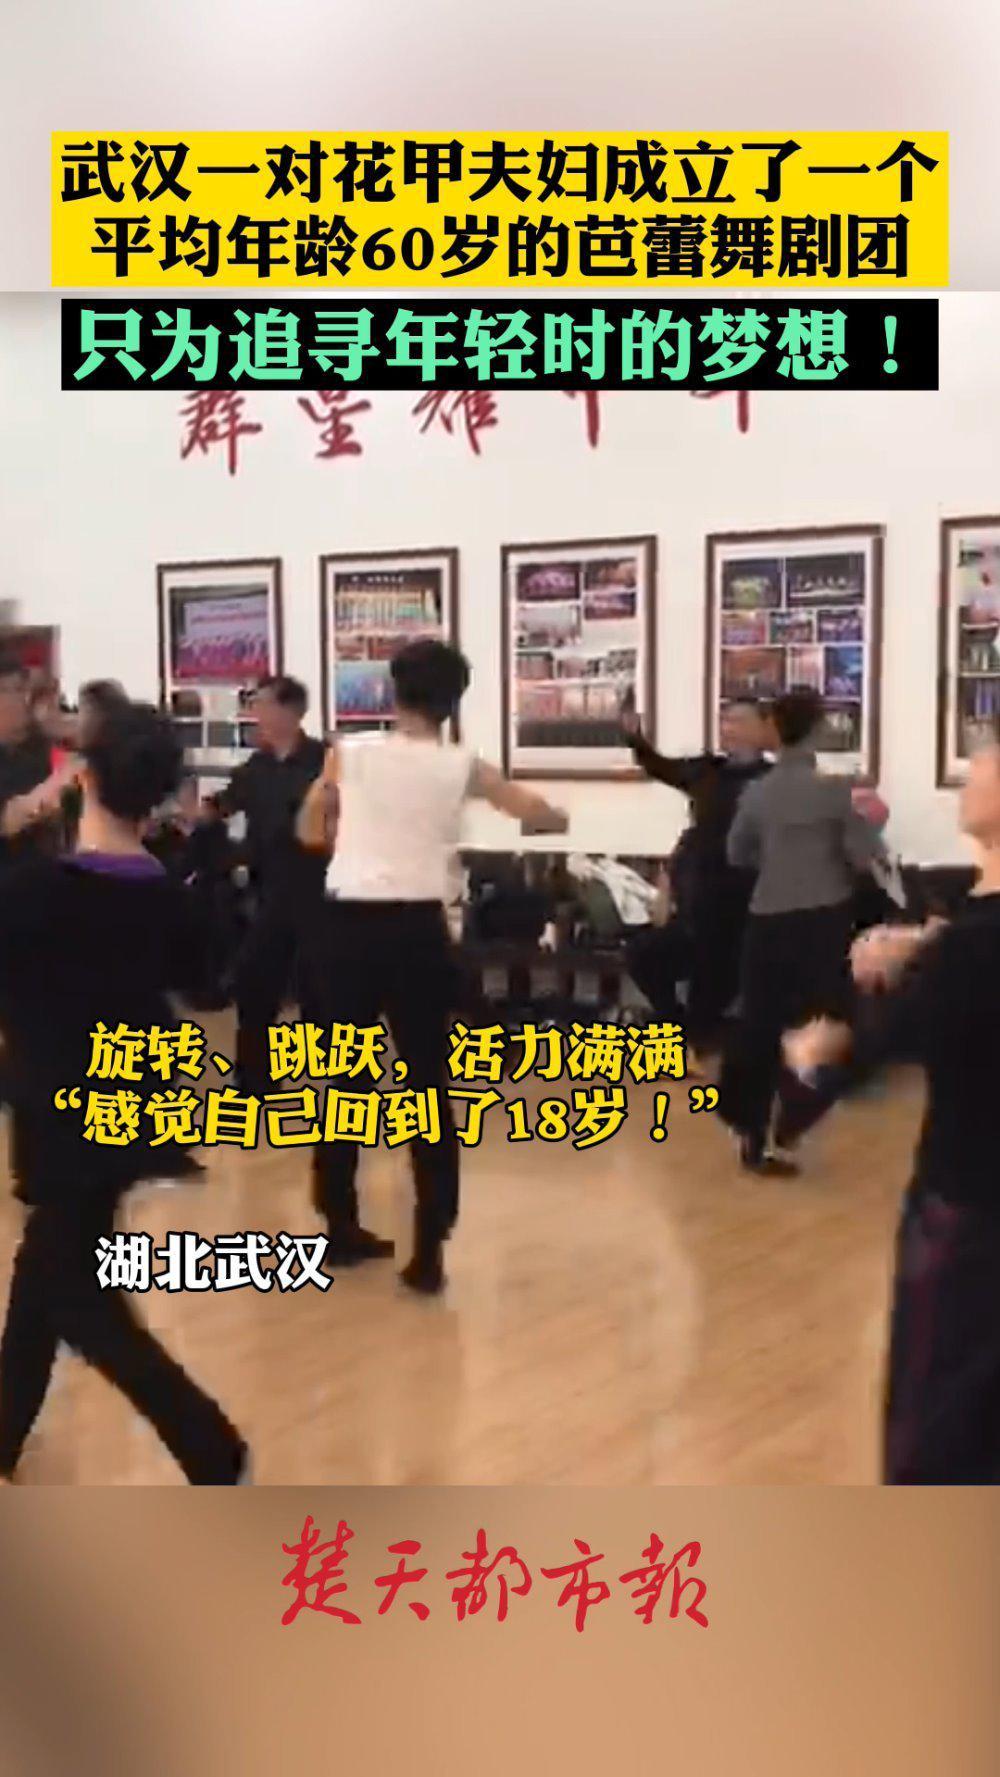 追梦芳华 武汉花甲夫妇成立红色芭蕾剧团